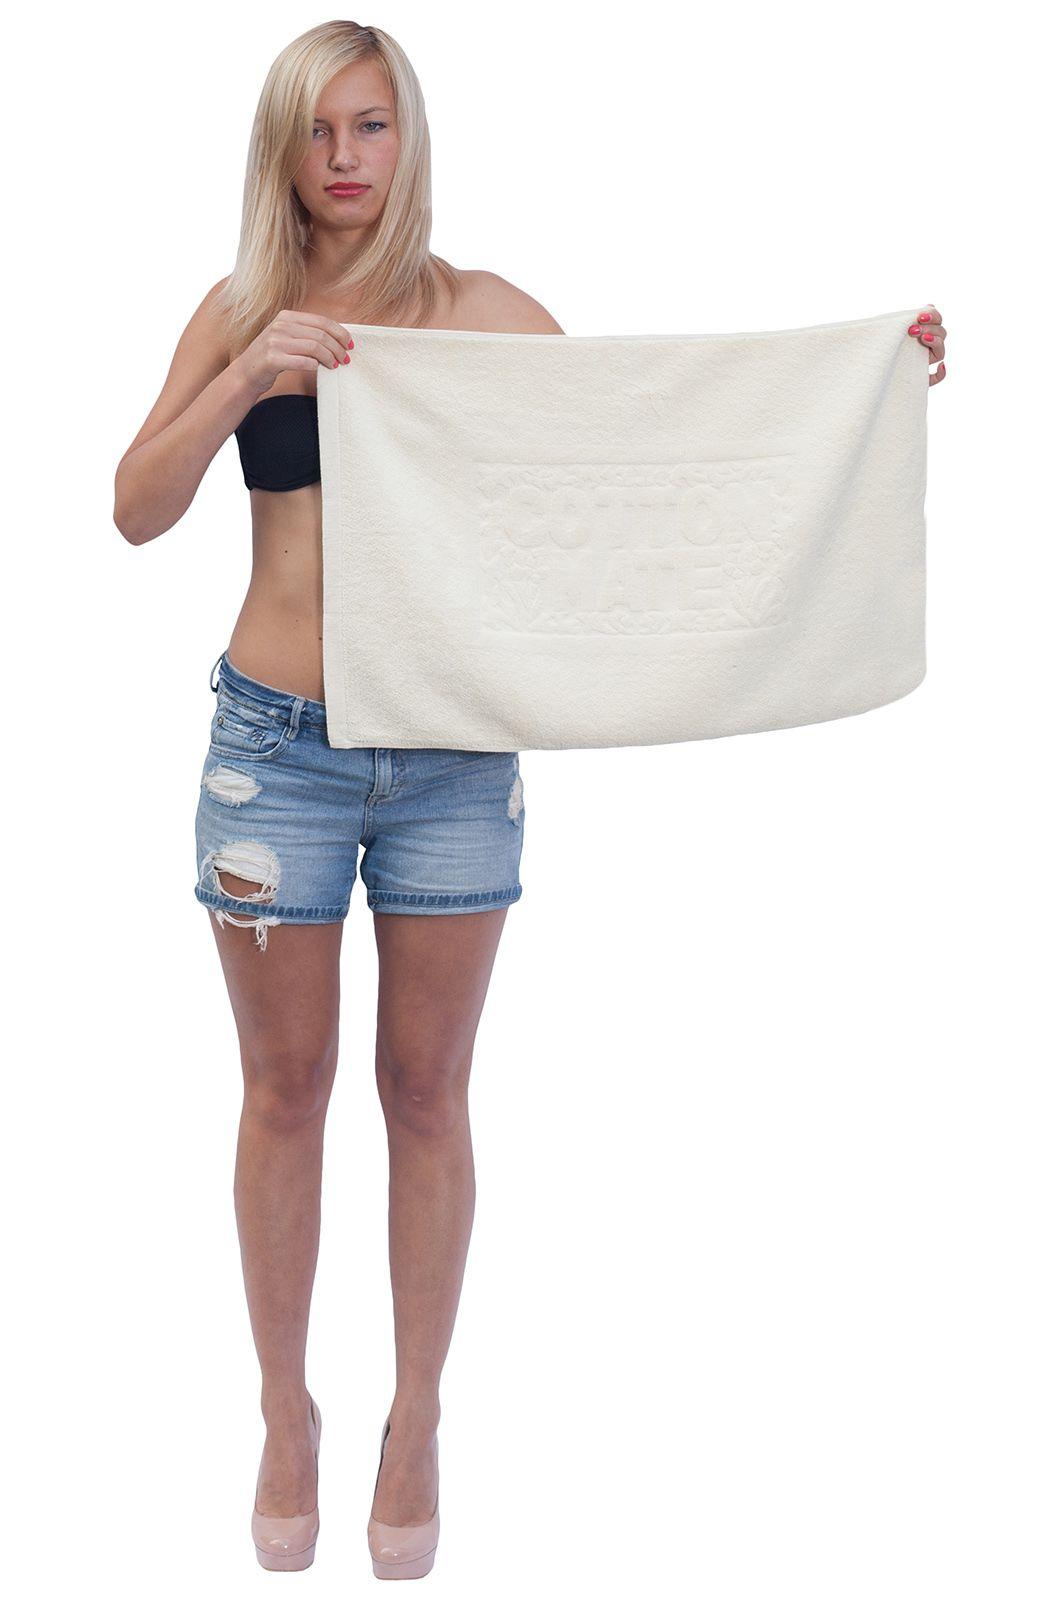 Полотенце Soft Cotton - купить по низкой цене